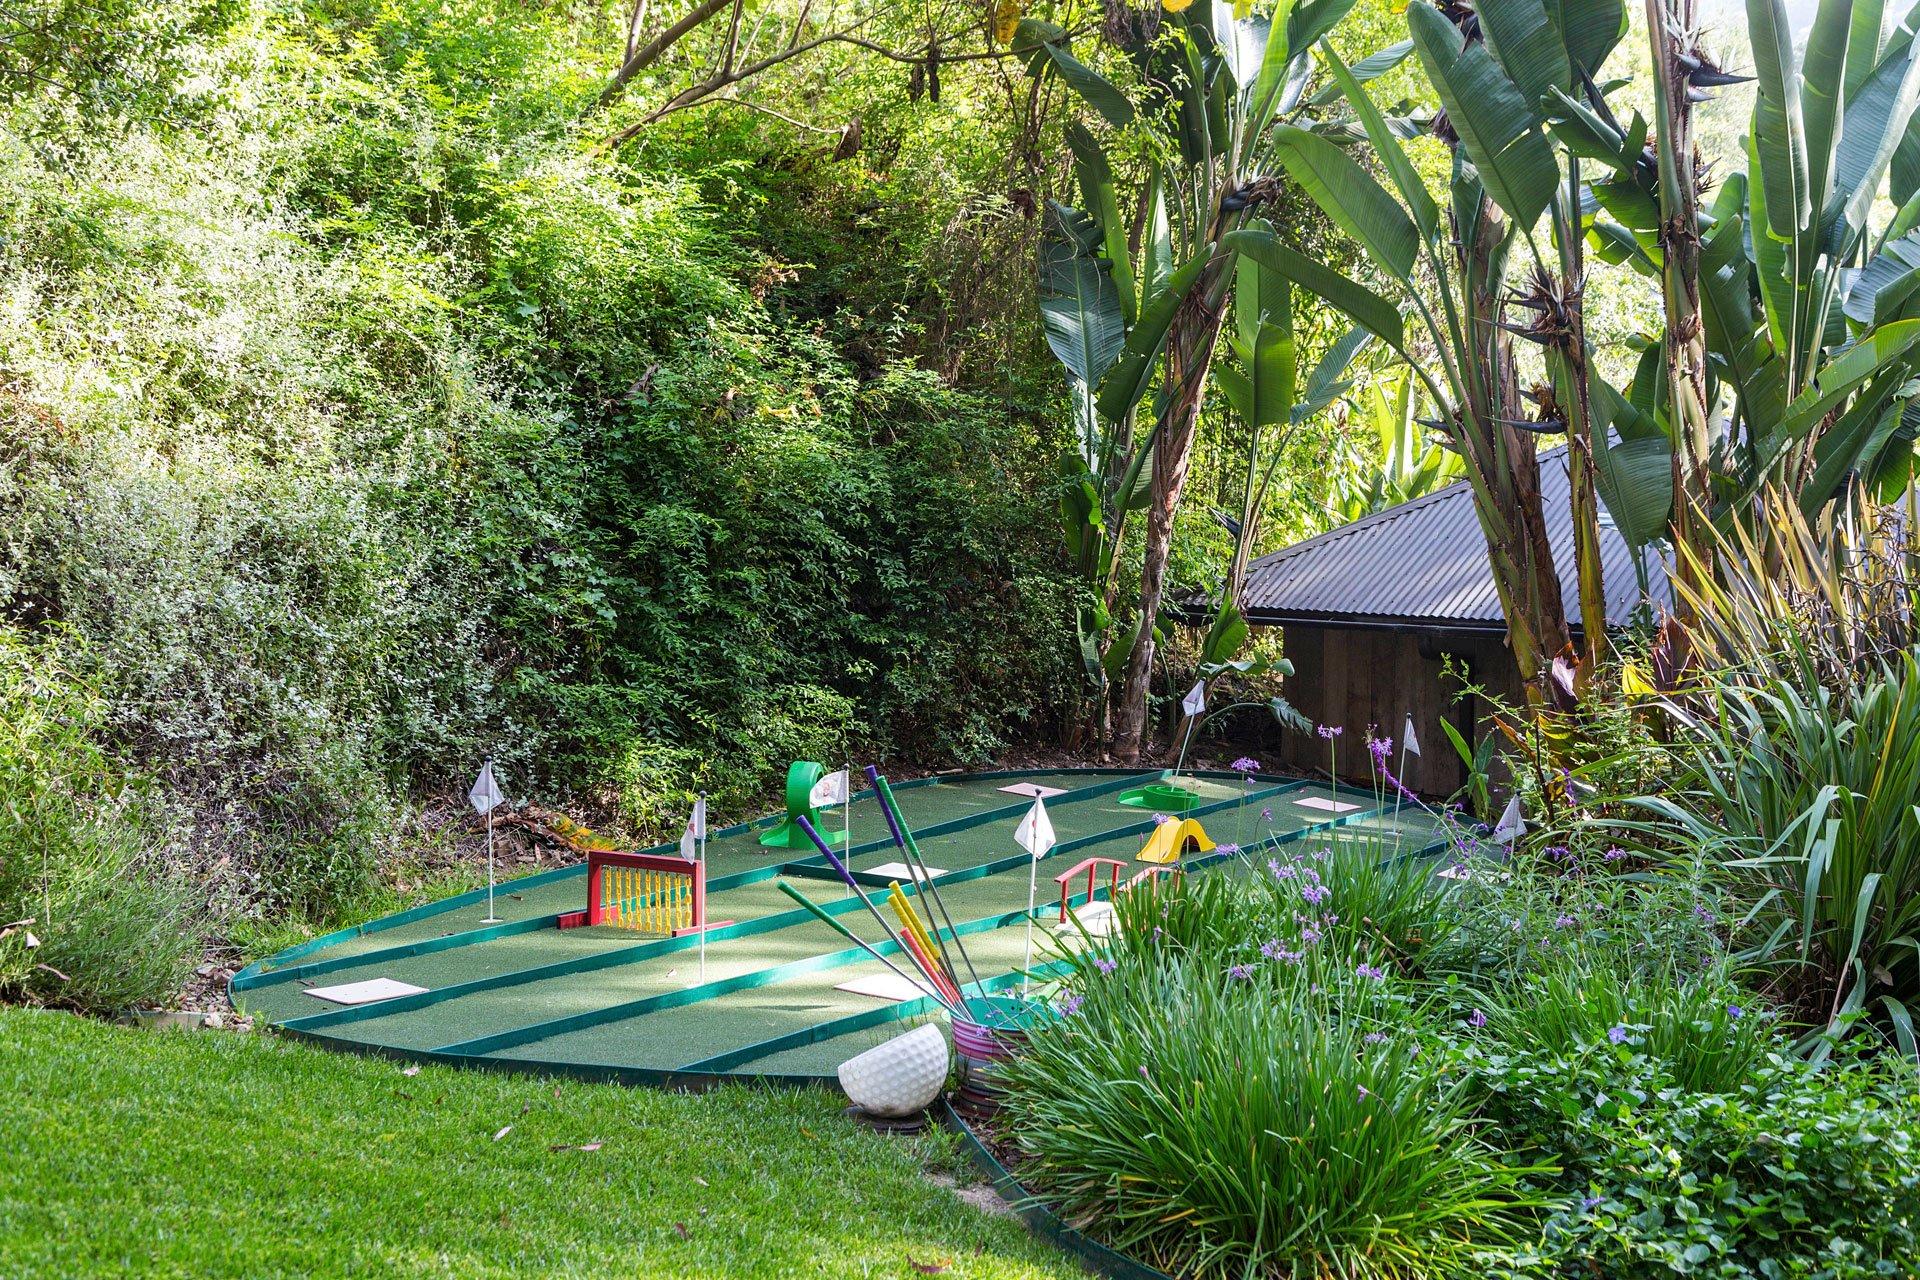 Entre otra de las atracciones, la magnífica mansión cuenta con un juego de golf para niños y adultos